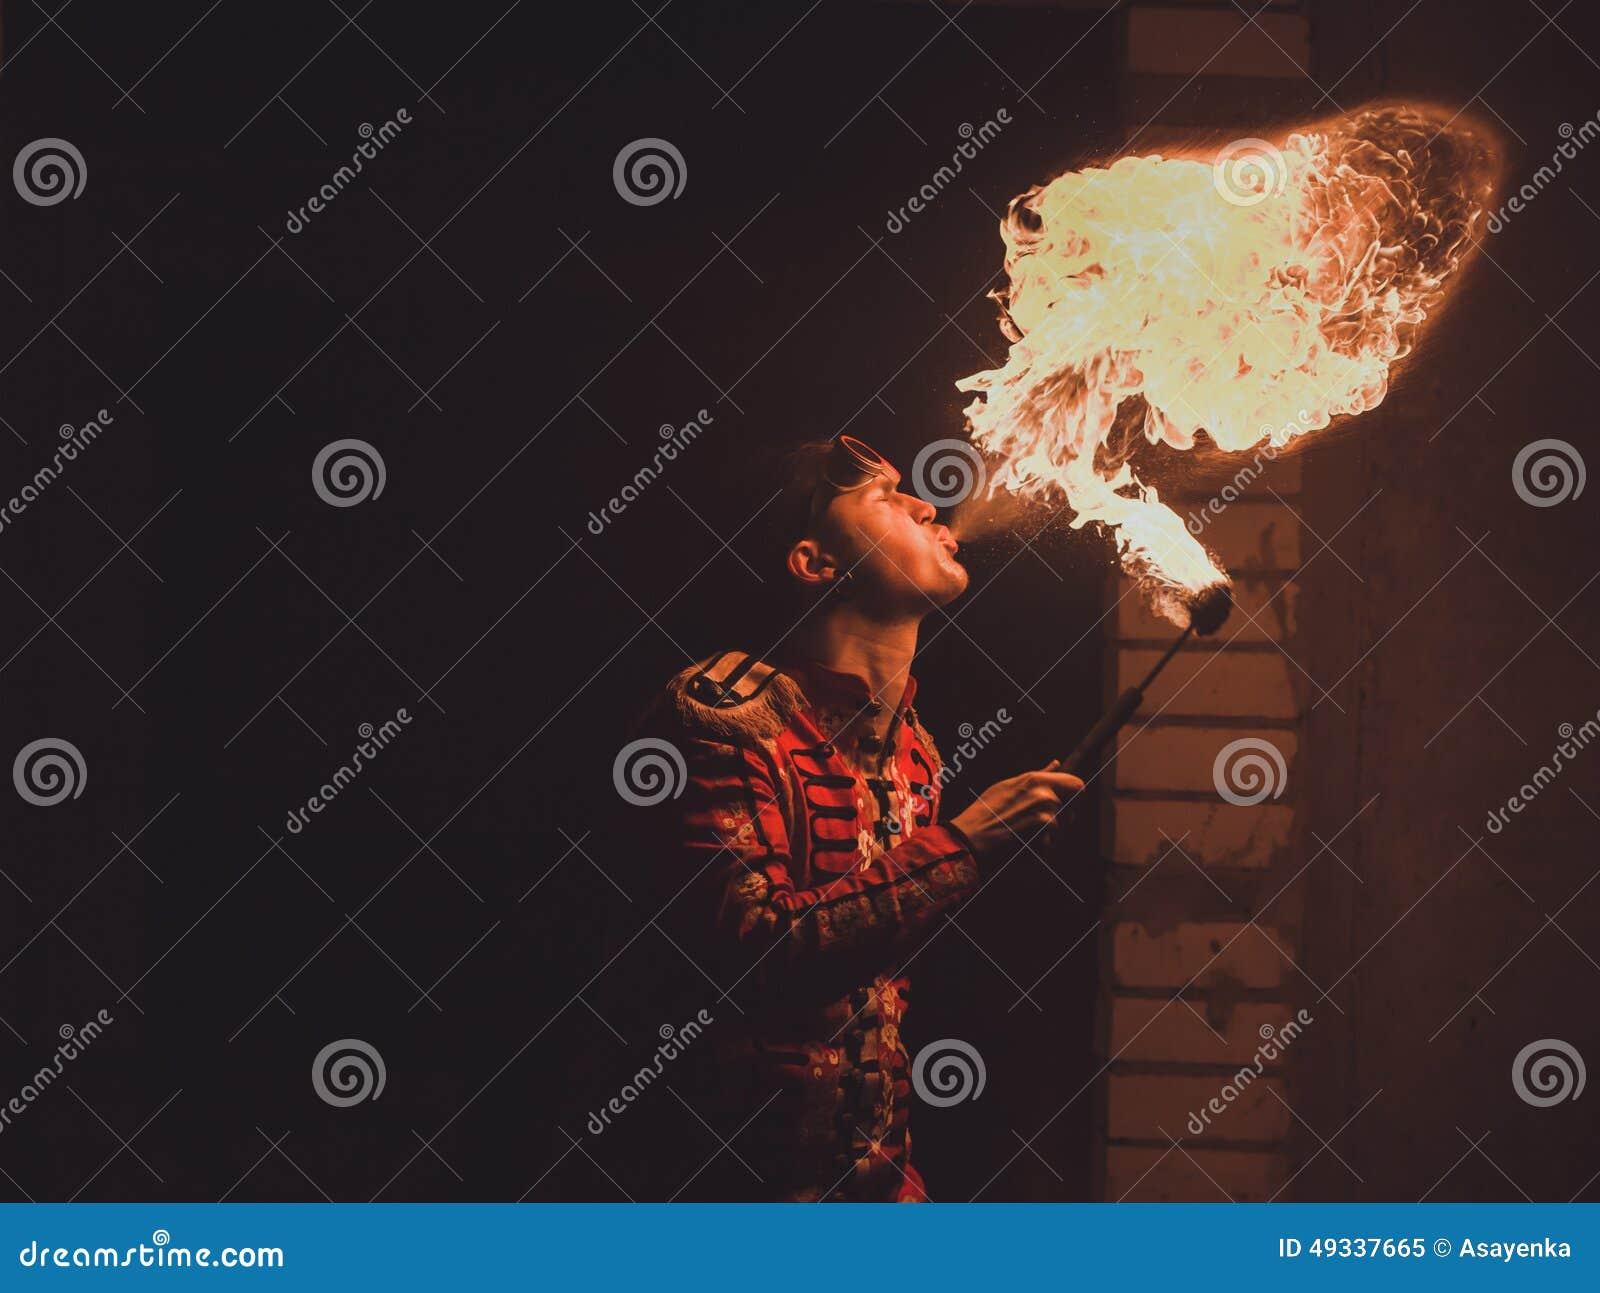 Η πυρκαγιά παρουσιάζει ότι ο καλλιτέχνης αναπνέει την πυρκαγιά στο σκοτάδι